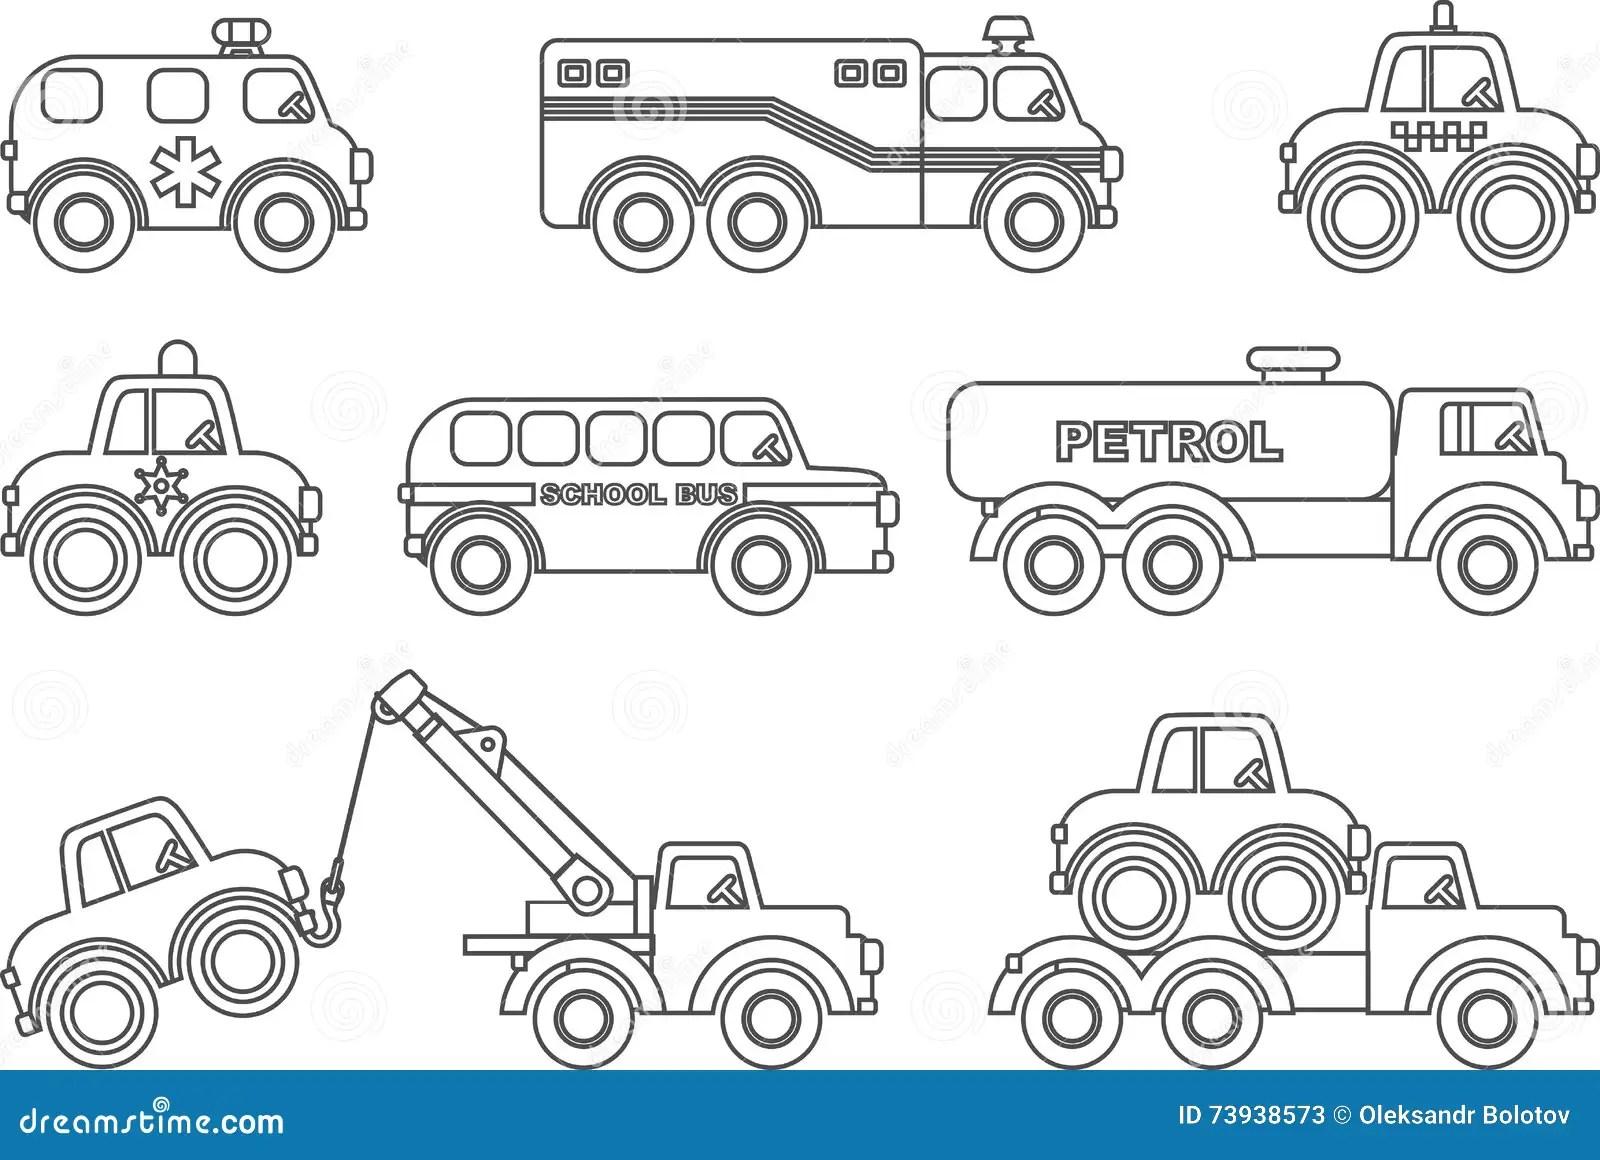 Transportation Prepositions Worksheet